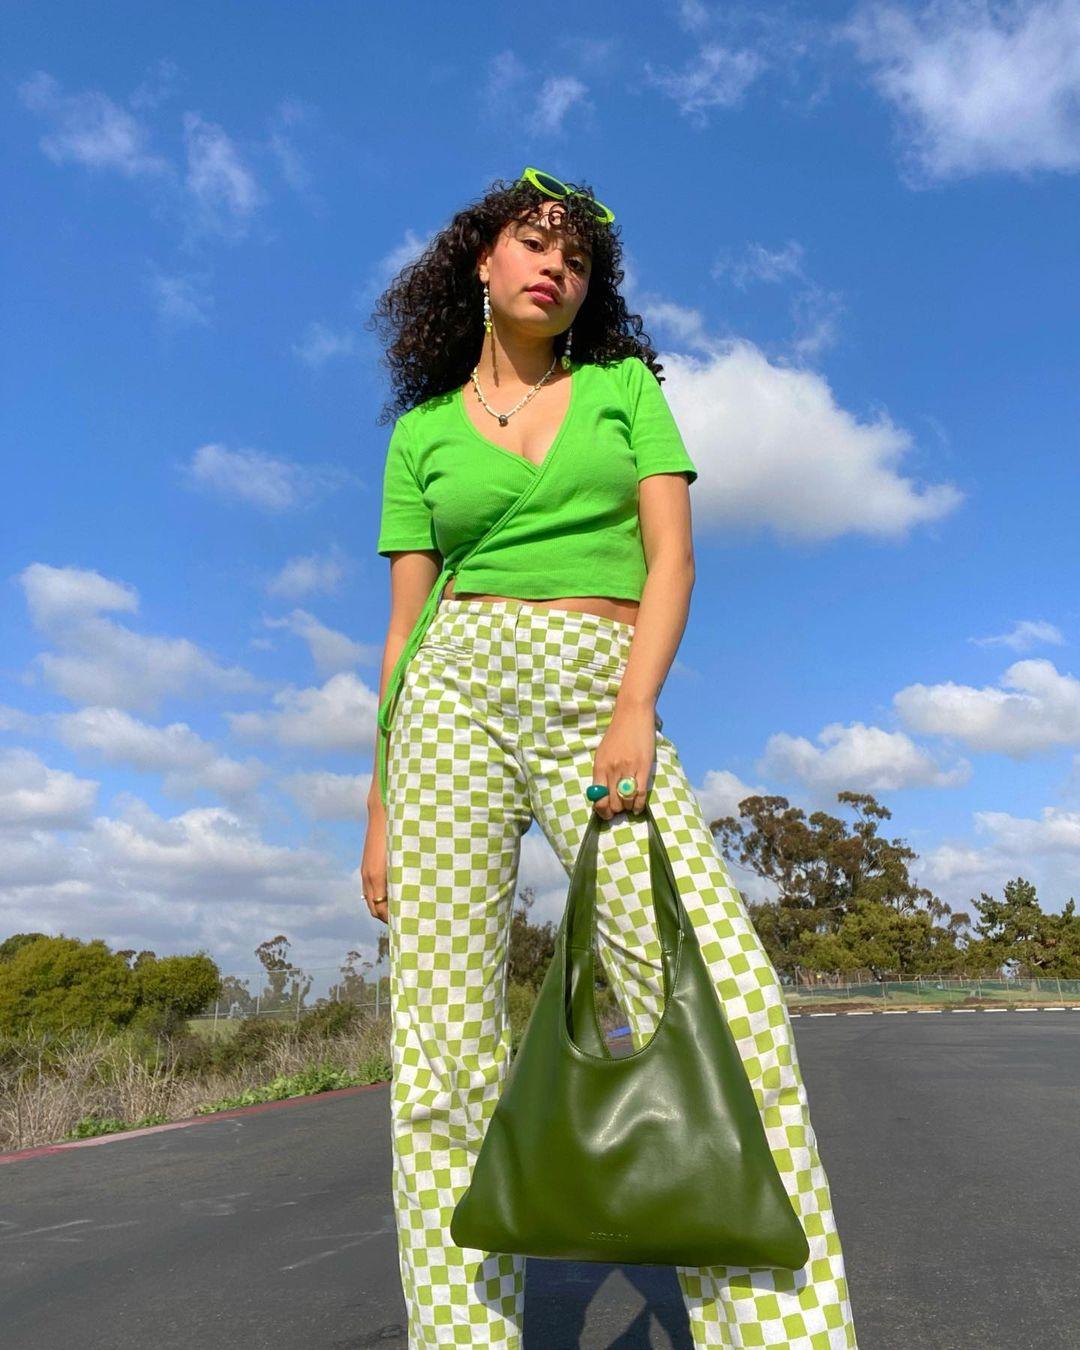 Garota usando blusa verde neon e calça xadrez vichy verde de cintura alta. Ela está em pé, com os óculos de sol verdes neon na cabeça, uma das mãos segurando uma maxibolsa verde escura. Ela está em pé, olhando para baixo, em direção à câmera.